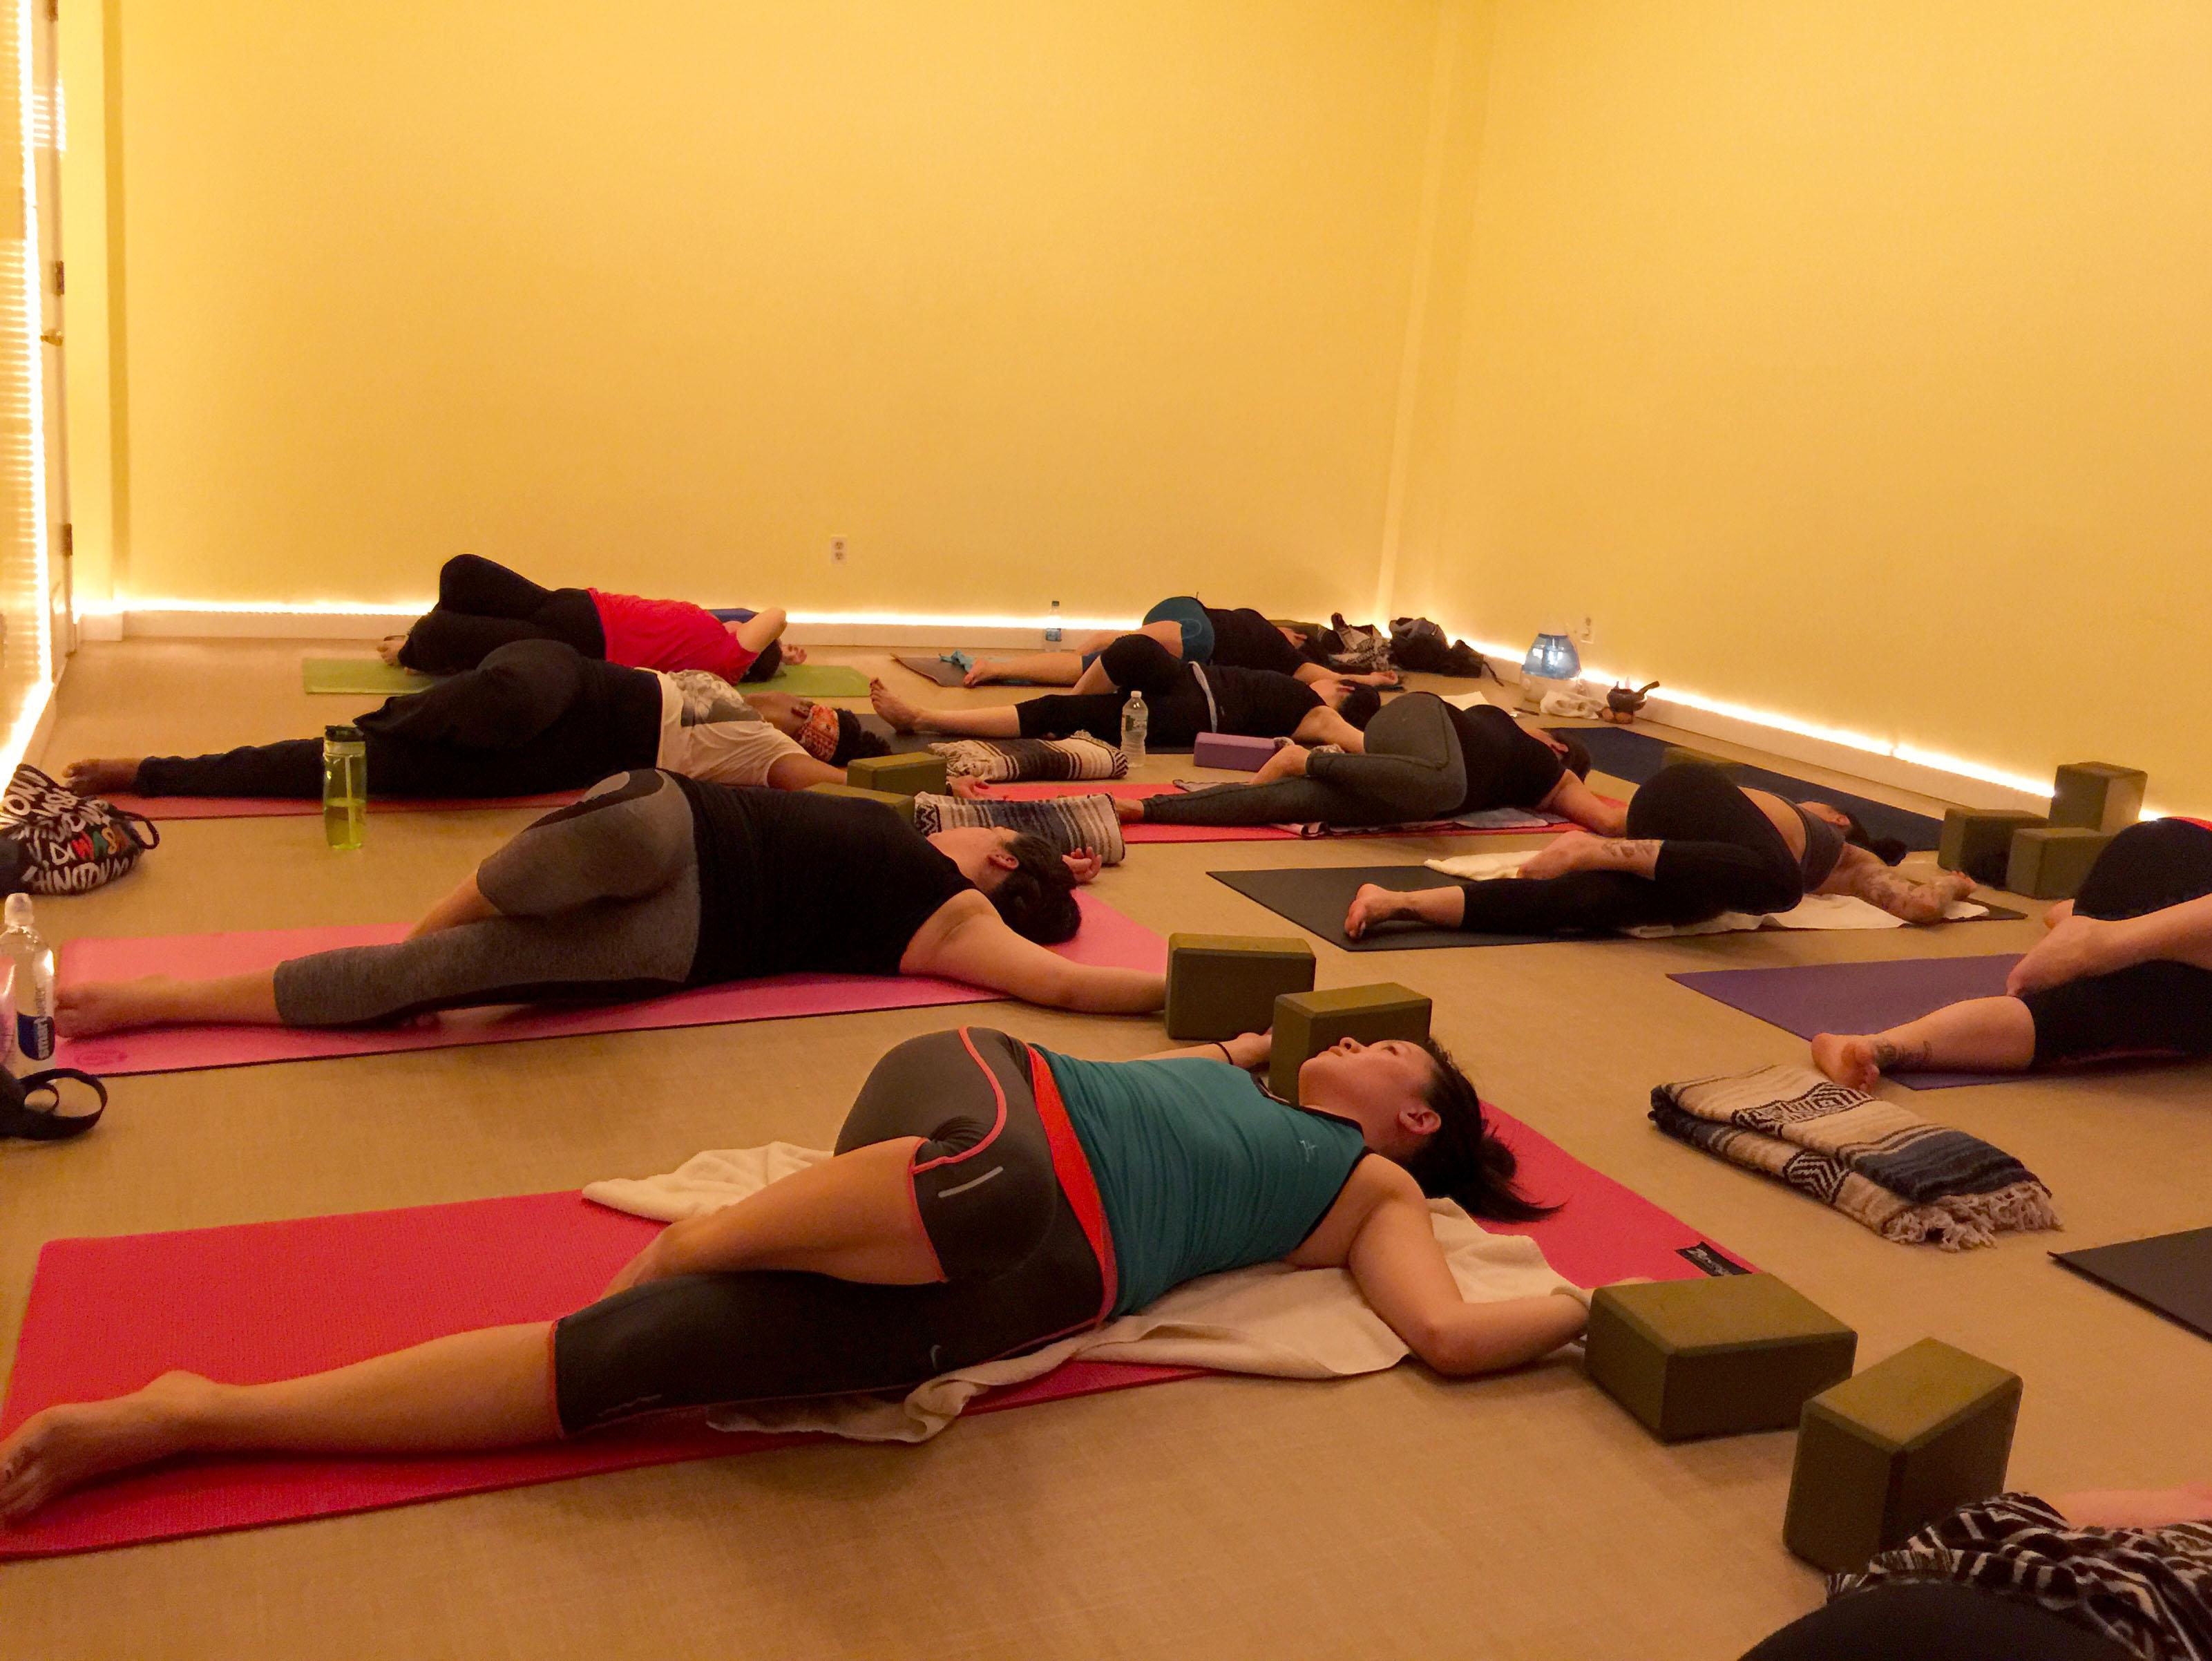 janelduross_hot_yoga_class